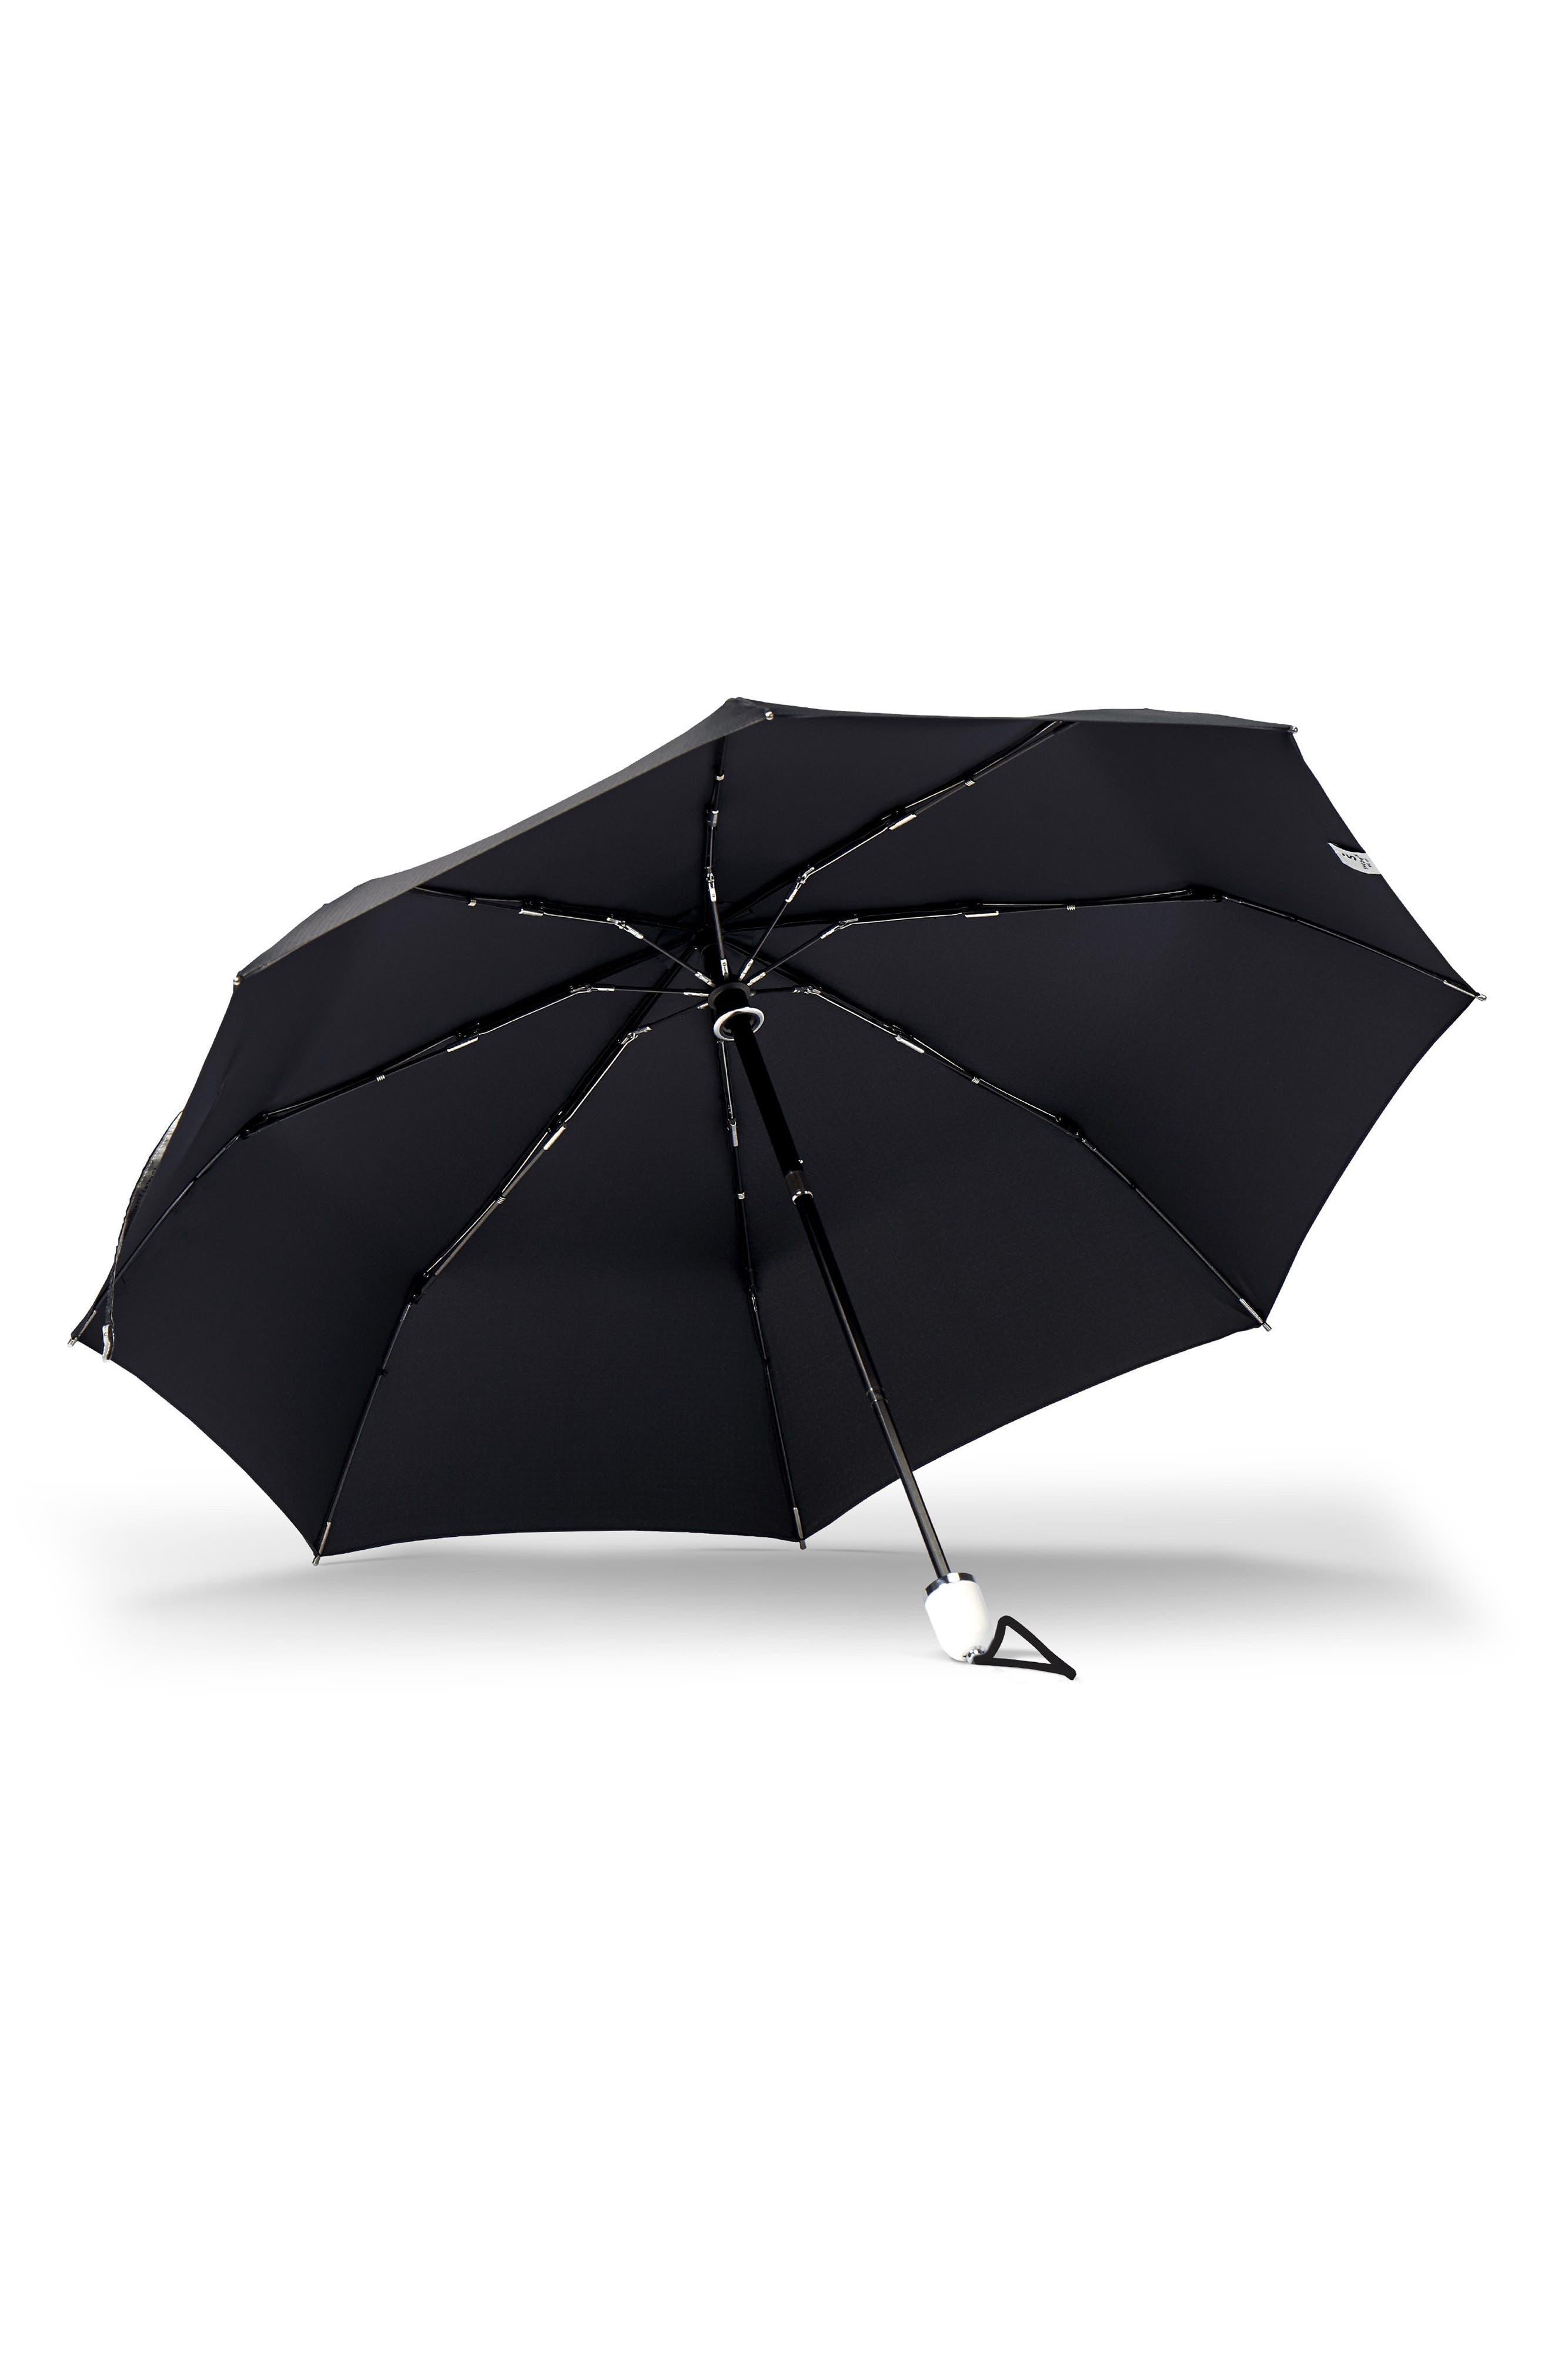 Alternate Image 2  - ShedRain Stratus Auto Open Compact Umbrella